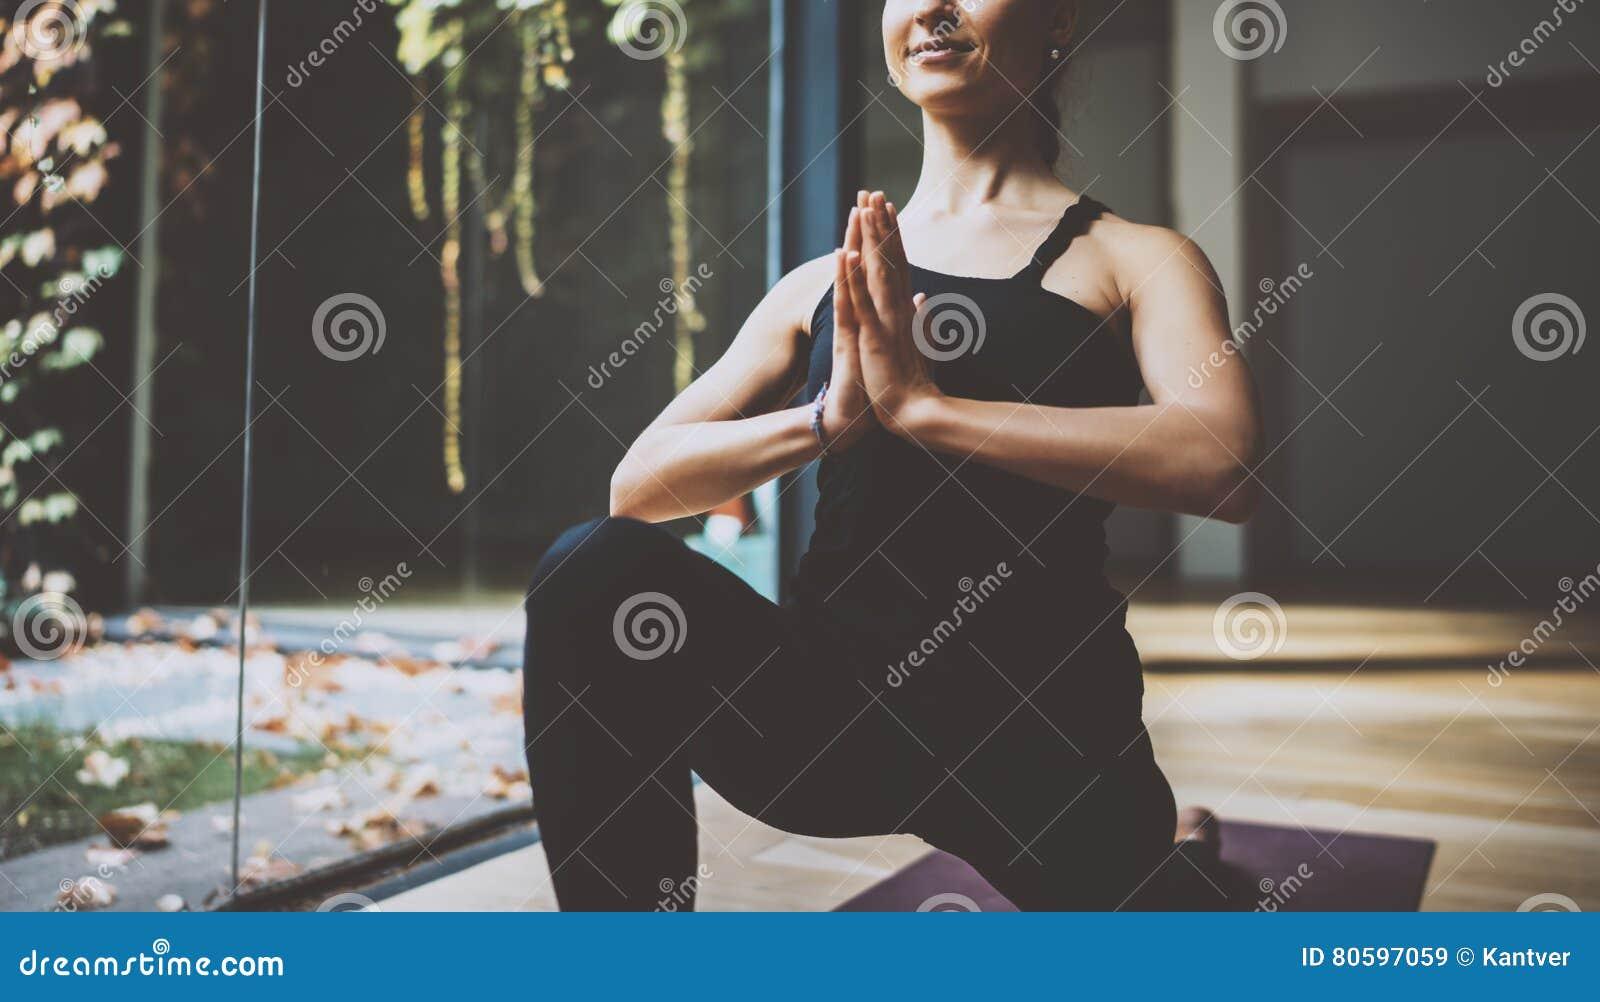 Zamyka w górę widoku wspaniałej młodej kobiety ćwiczy joga salowy Piękny dziewczyny praktyki ardha matsyendrasana w klasie